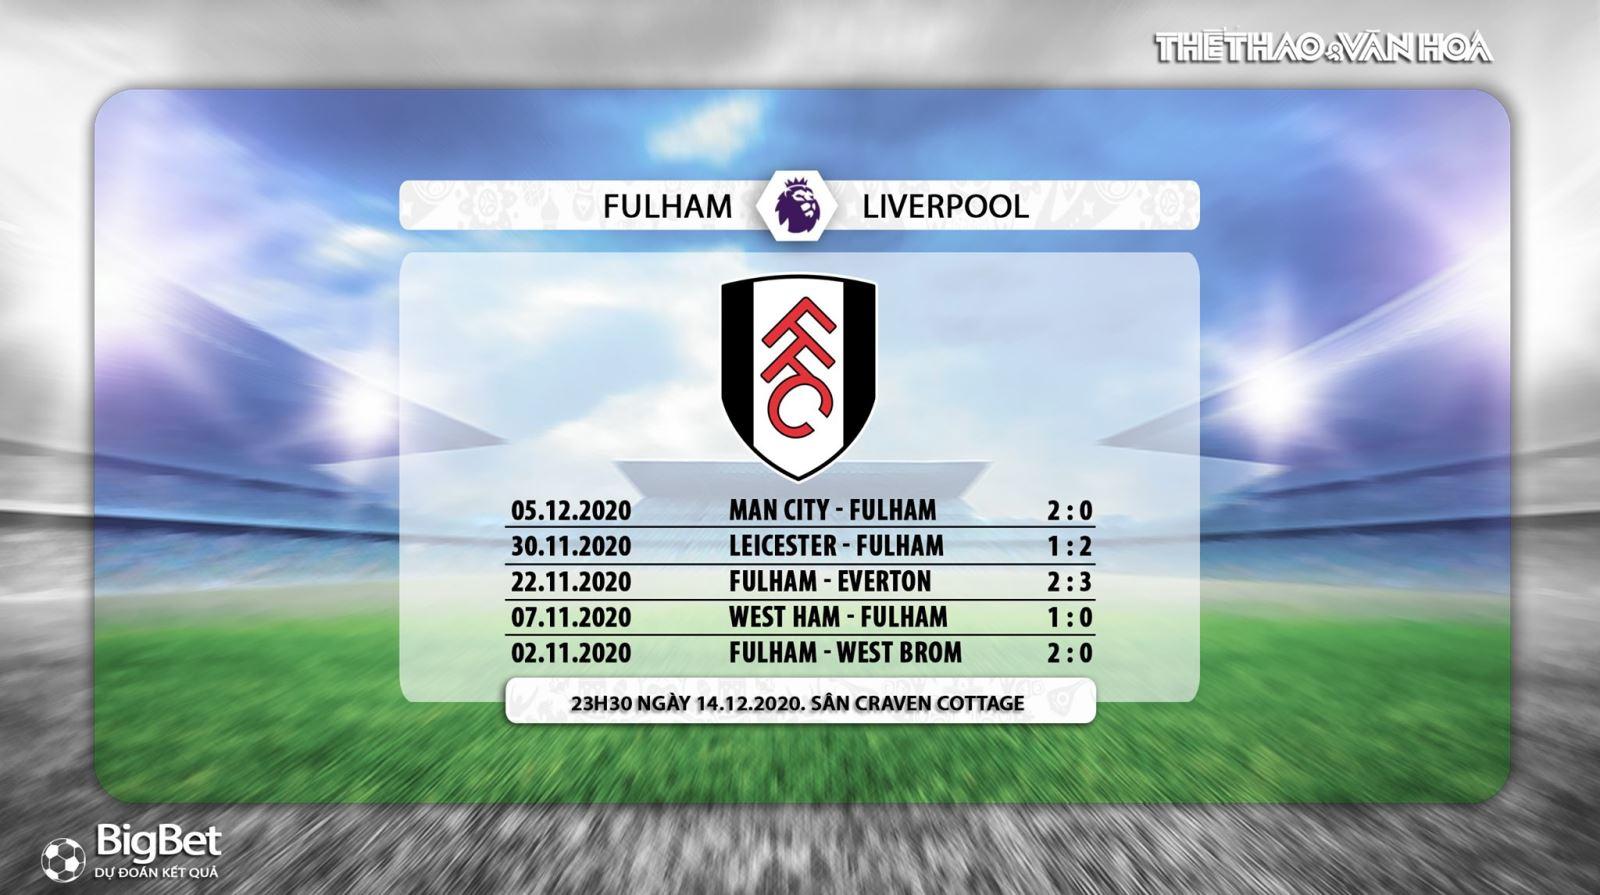 Trực tiếp Fulham vs Liverpool, Truc tiep bong da, K+PM, Ngoại hạng Anh vòng 12, xem bóng đá trực tuyến Fulham đấu với Liverpool, trực tiếp bóng đá hôm nay, ngoại hạng Anh